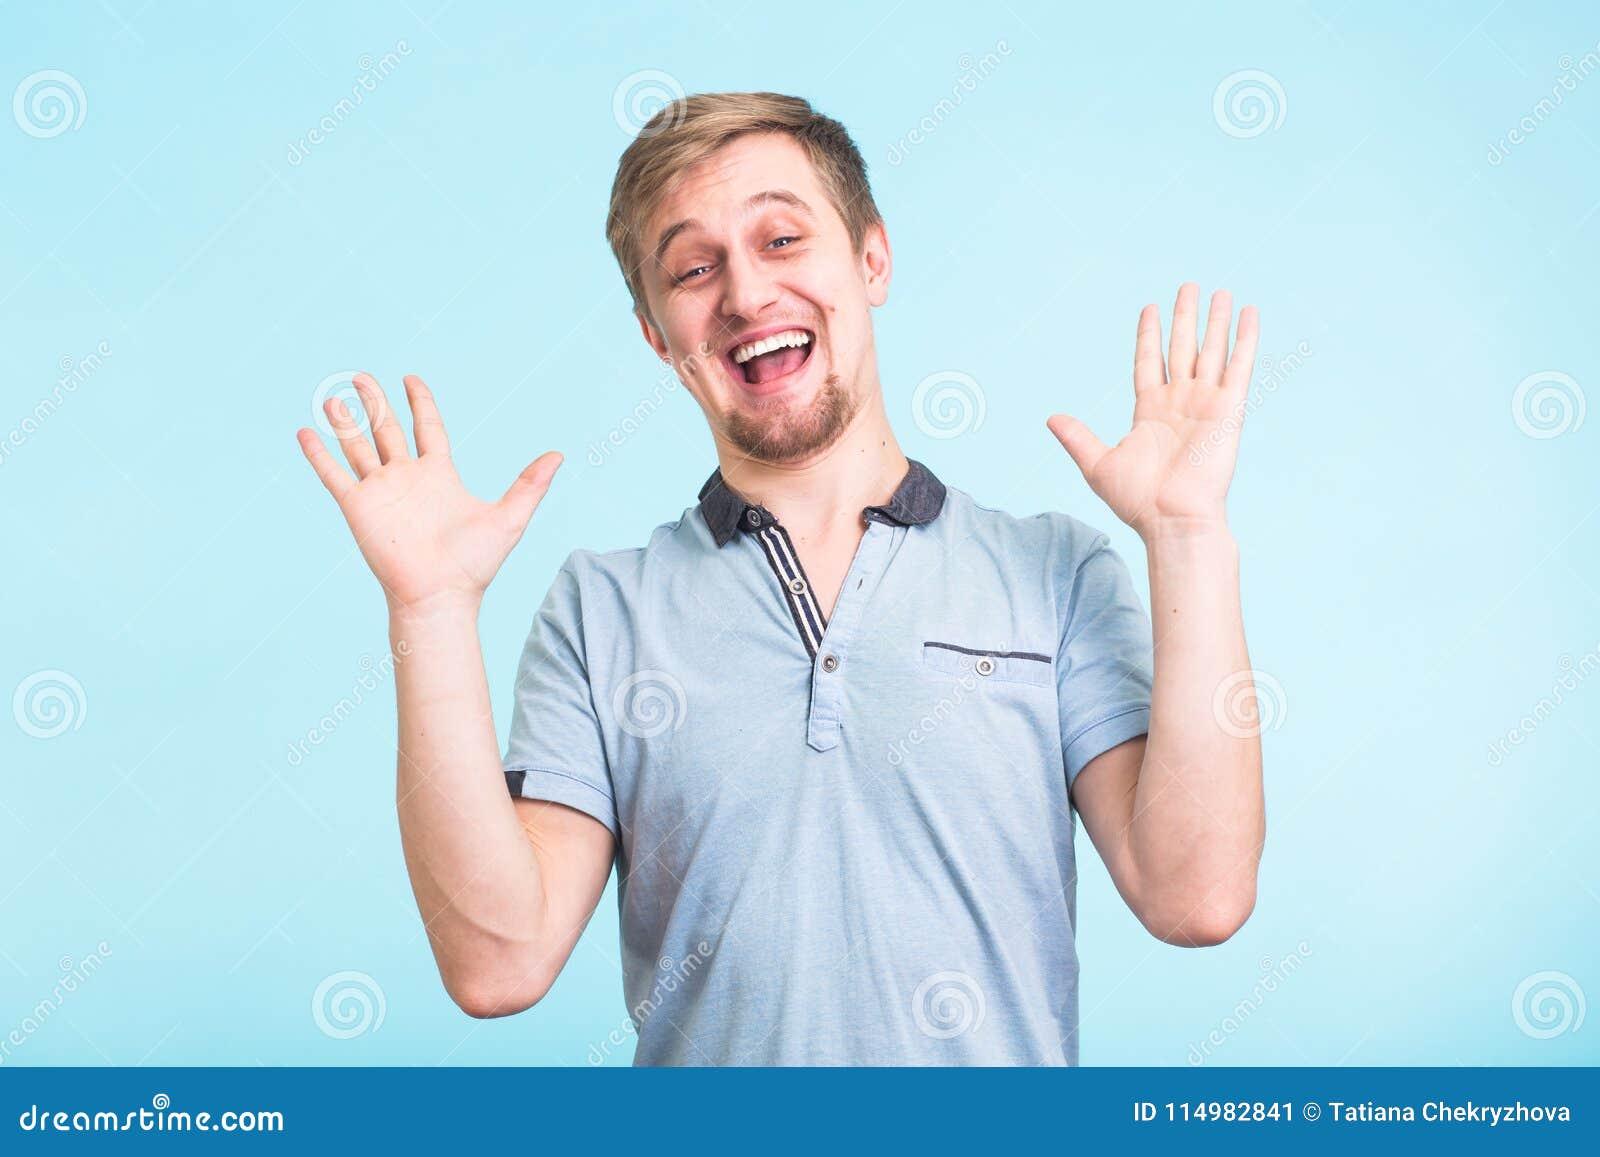 激动的人在幸福,姿态有效地惊叹了,表达的伟大的surprisement,在蓝色背景